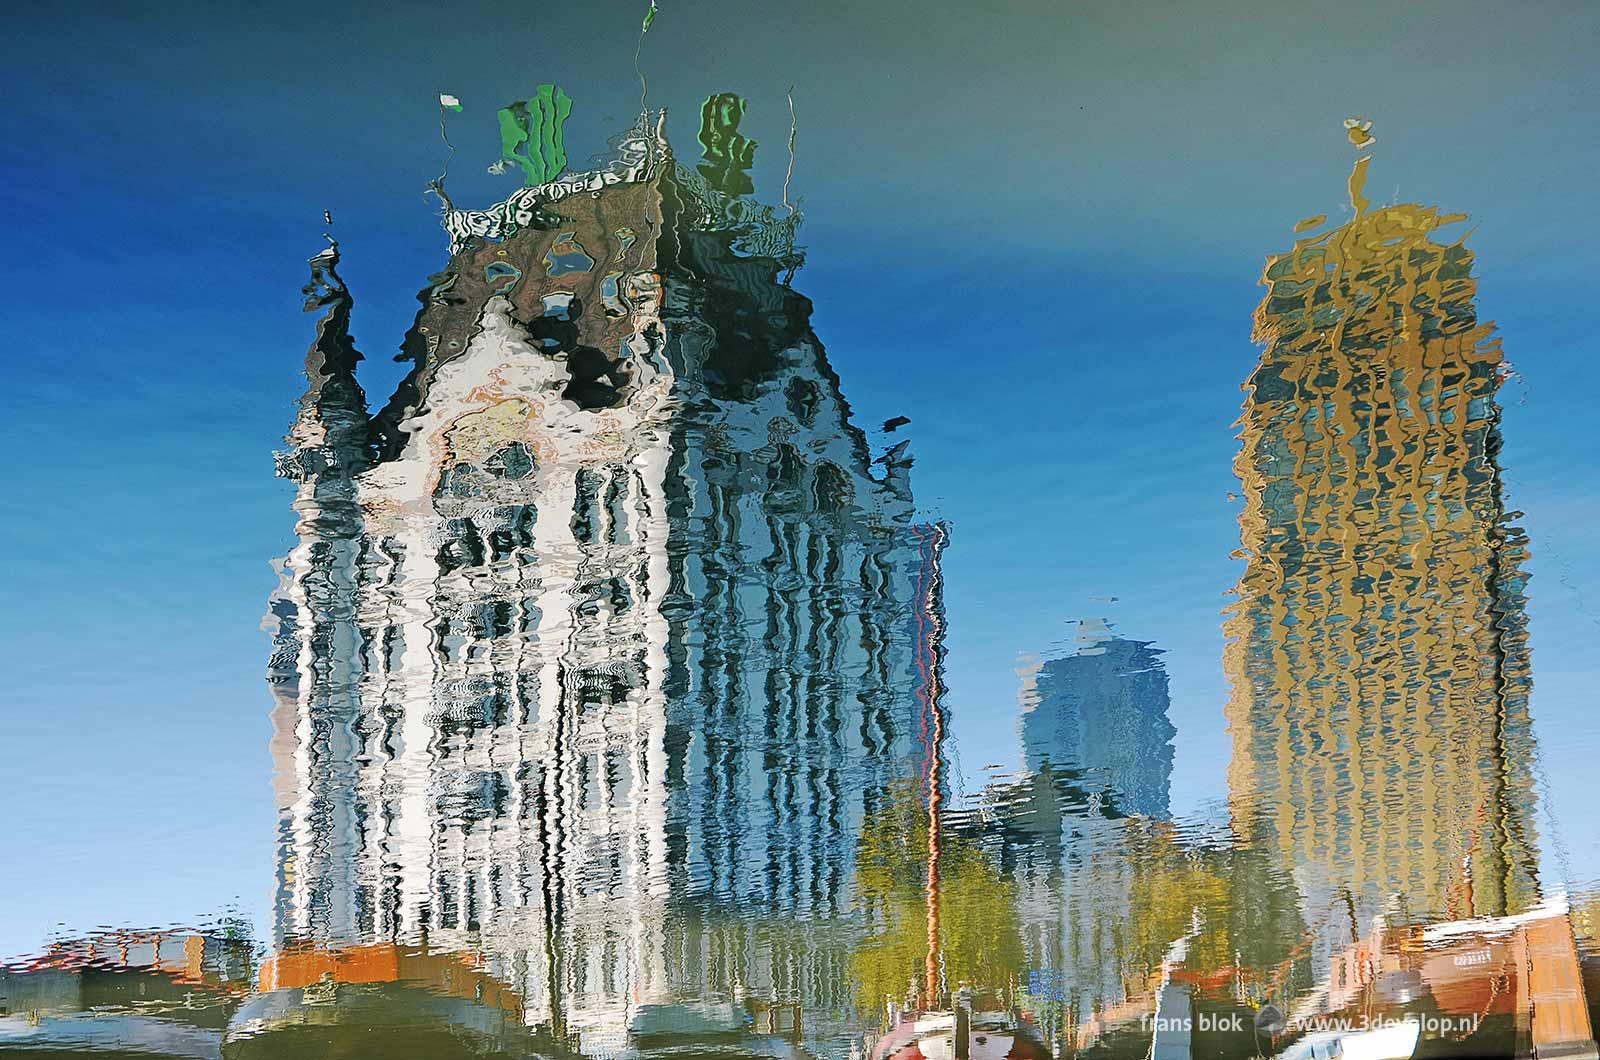 Reflectie van het Witte Huis in Rotterdam, en van enkele historische binnenvaartschepen in het water van de Oude Haven